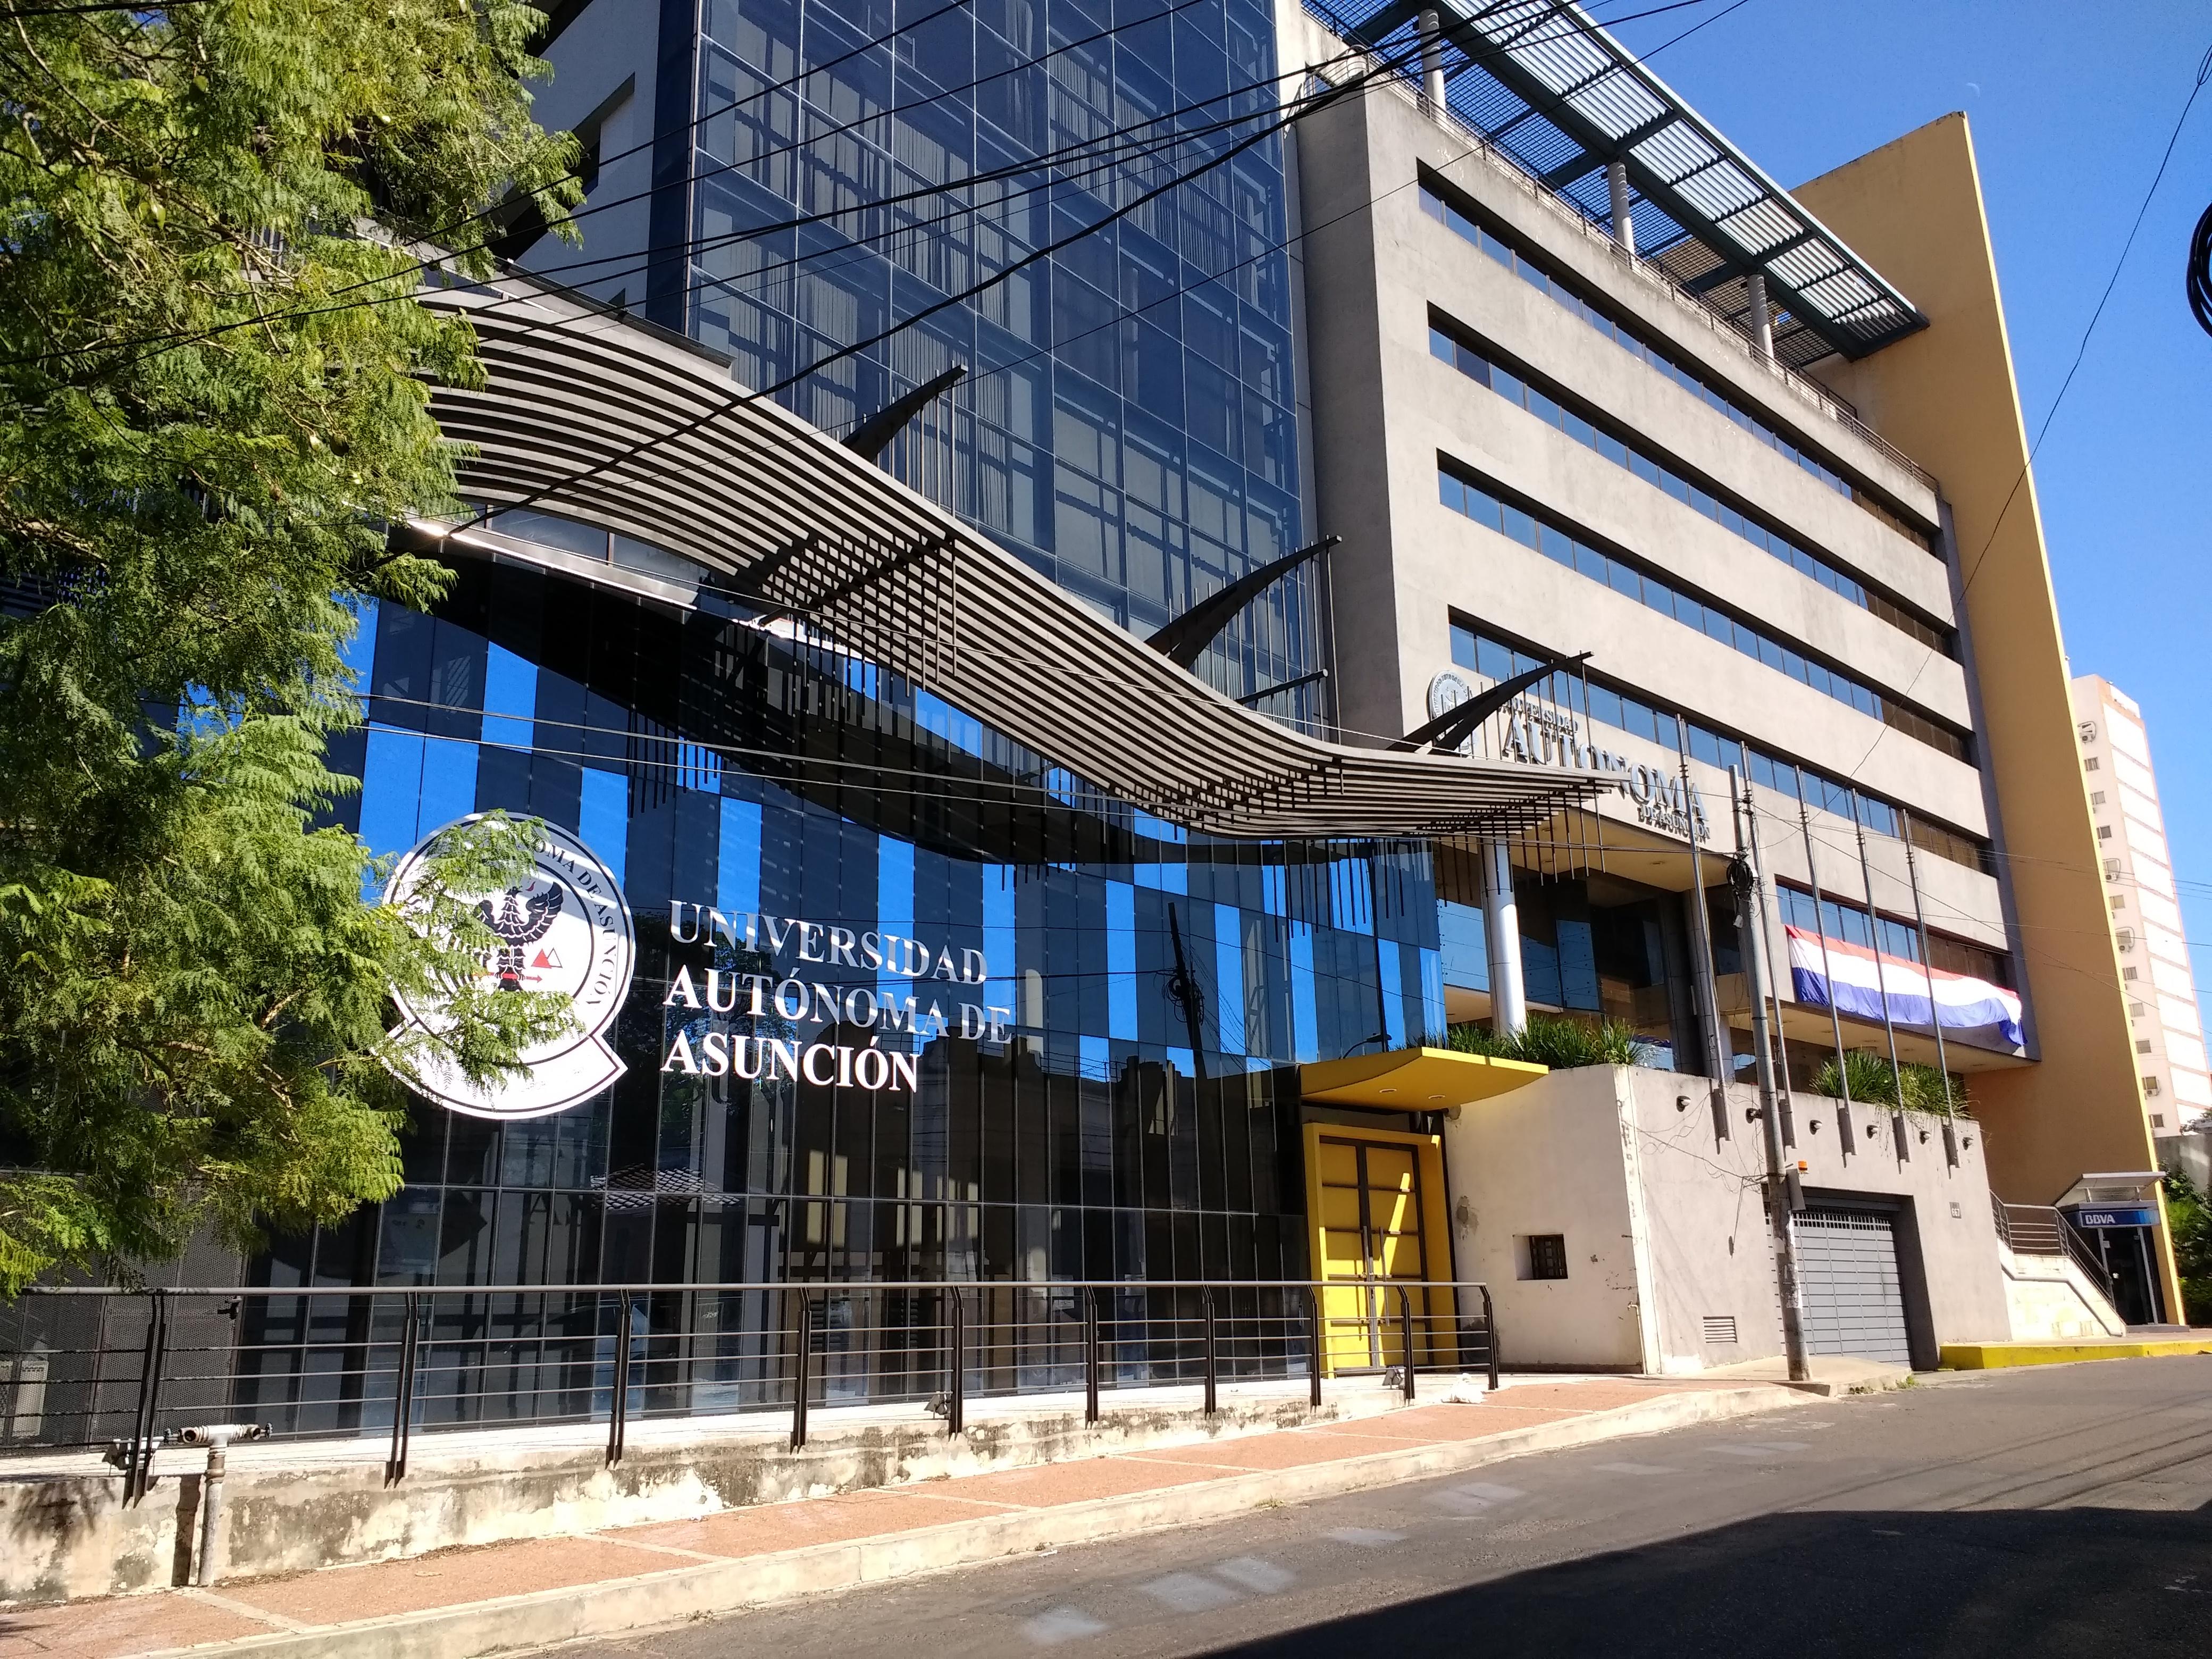 Universidad Autónoma de Asunción 2.jpg